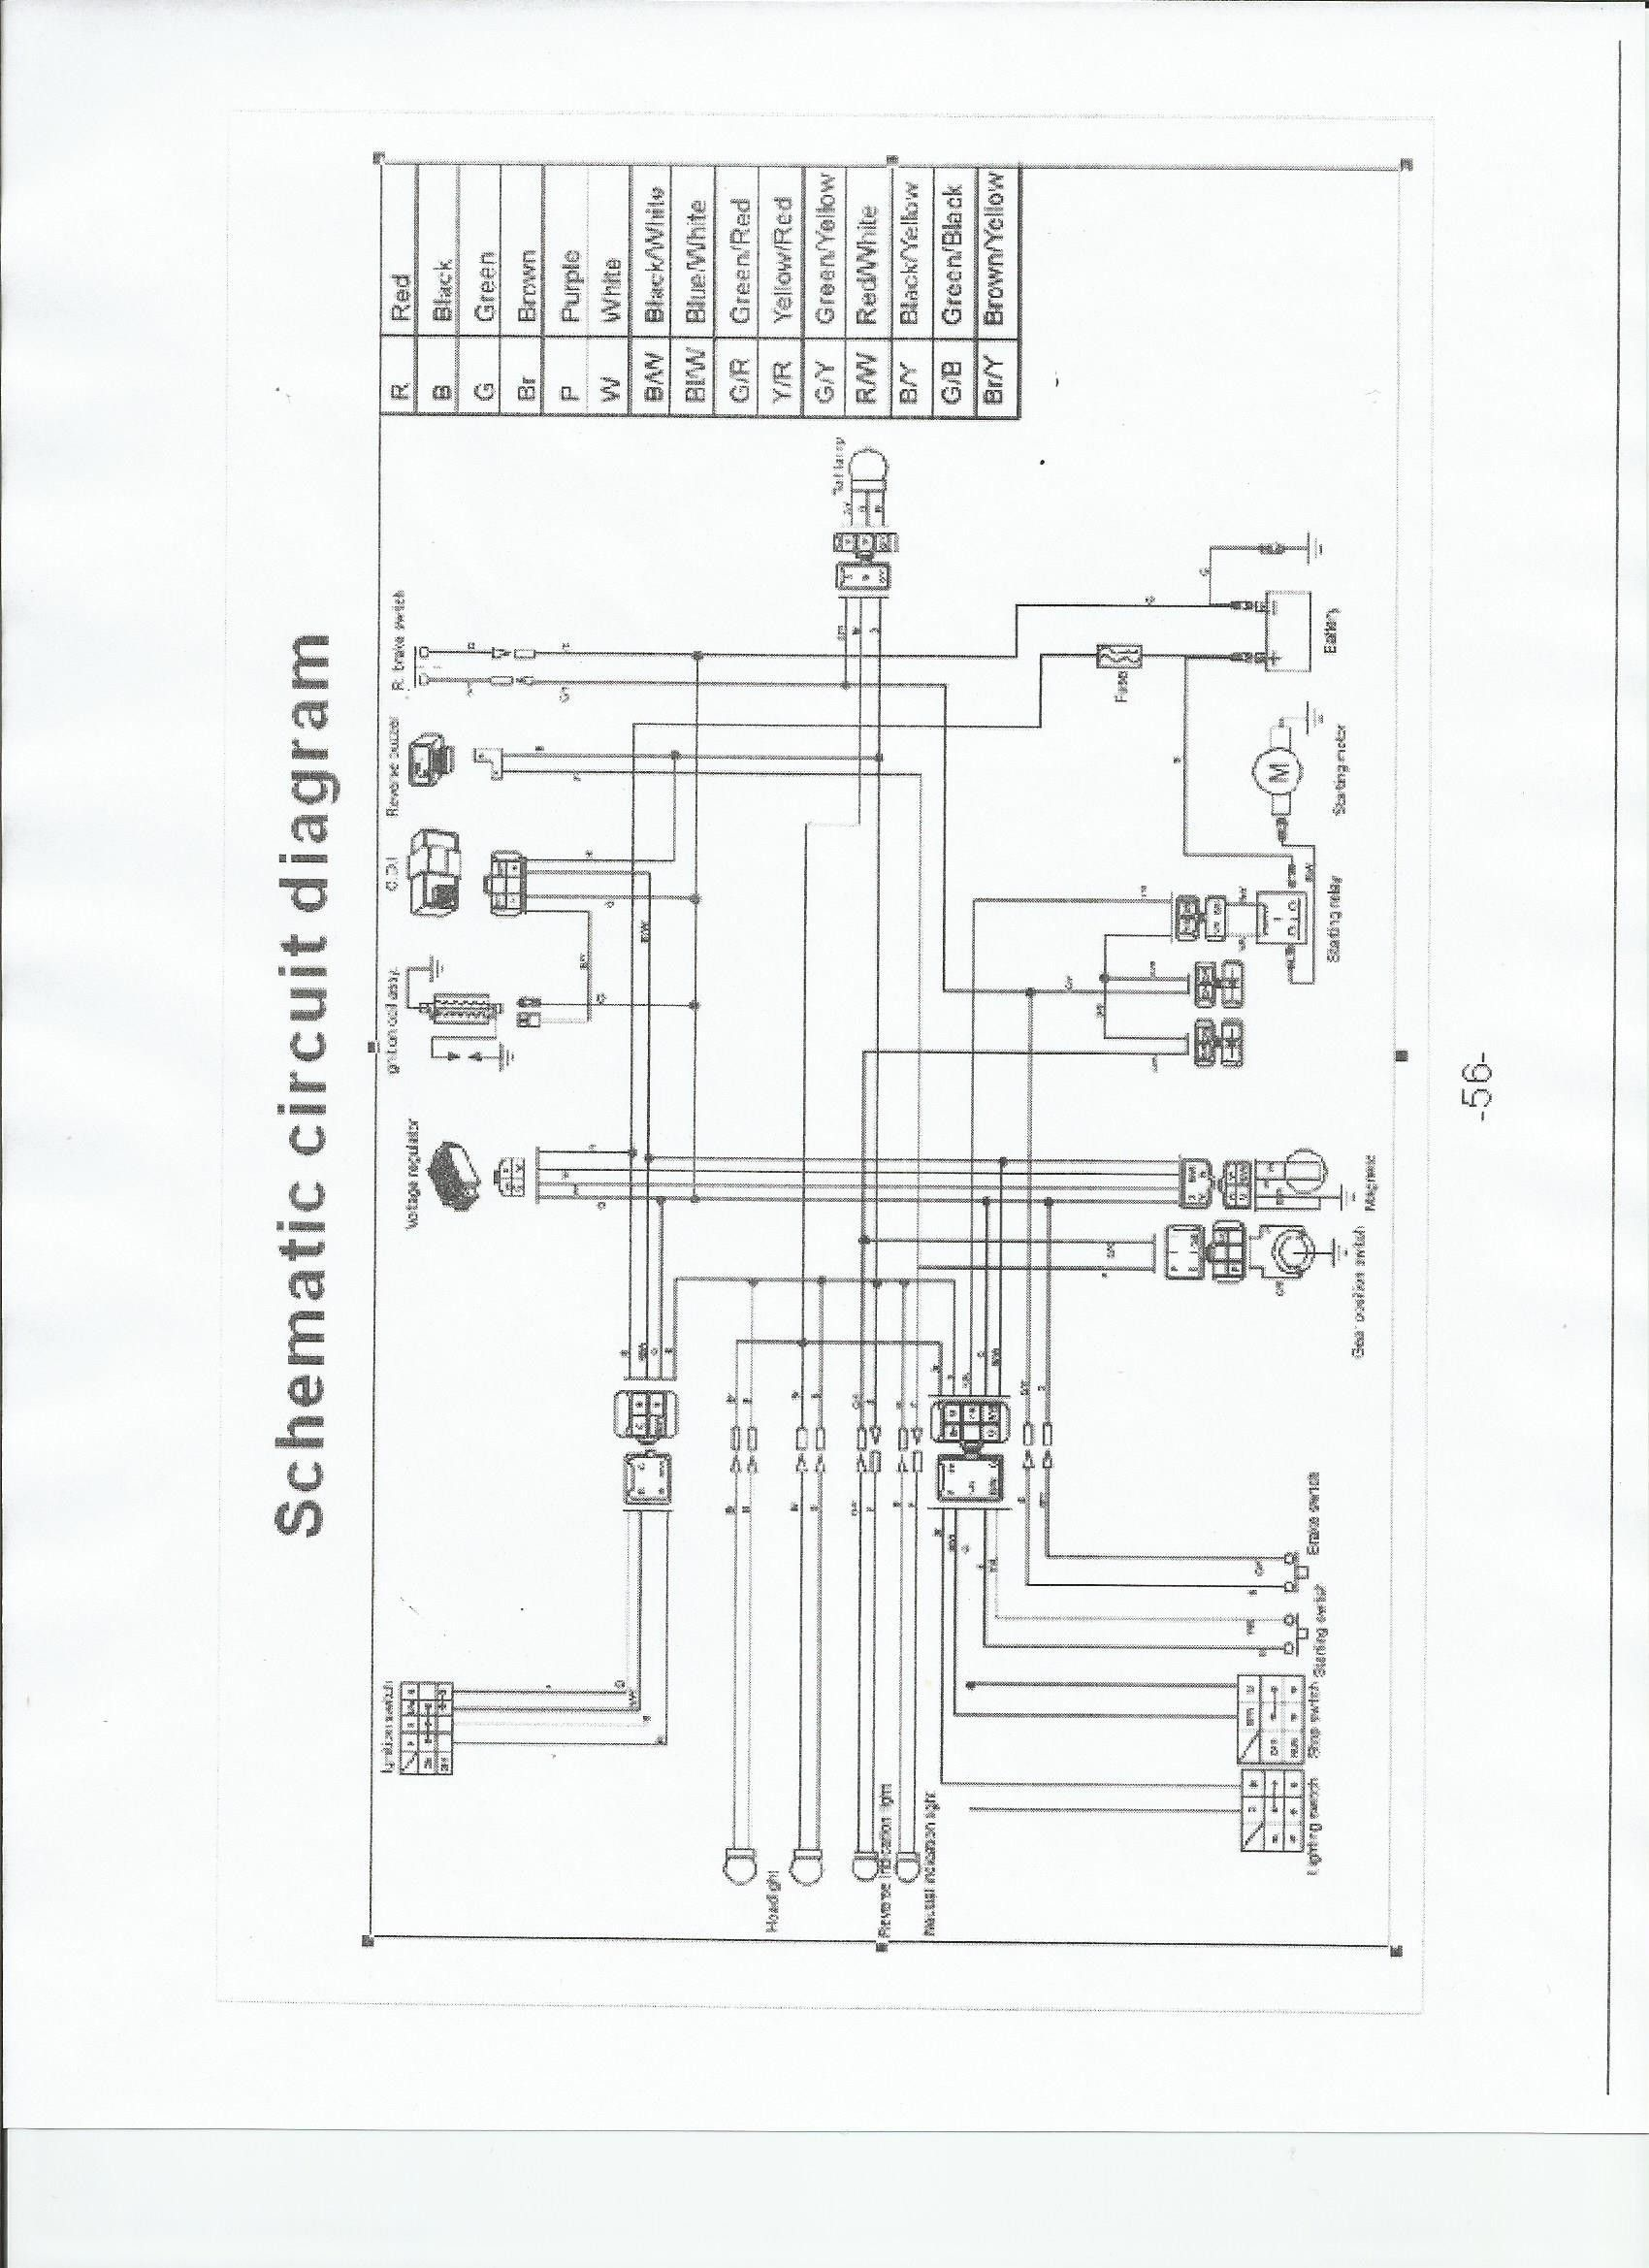 Chinese Atv Wiring Schematic In 2021 Taotao Atv Diagram Atv